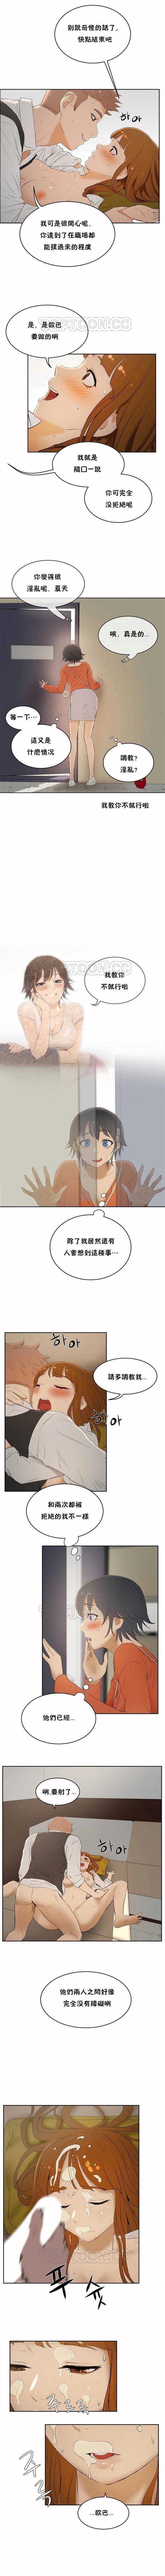 性教育 1-48.5 中文翻译(完結) 34